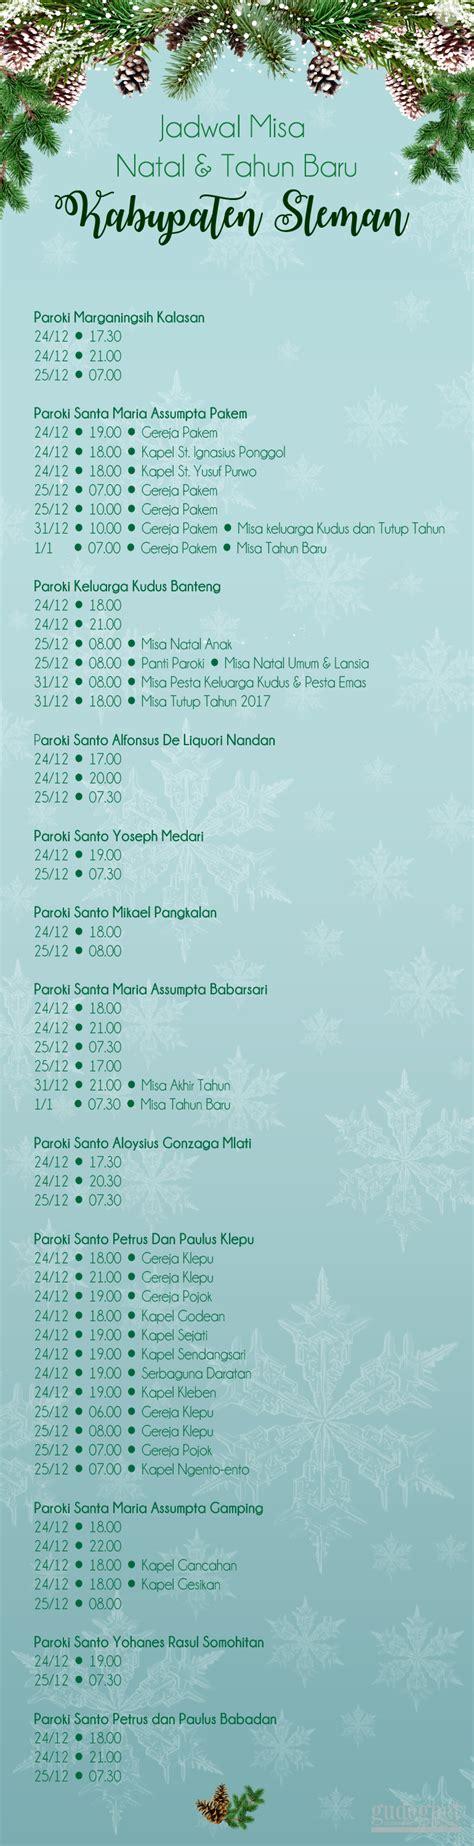 jadwal film natal dan tahun baru jadwal misa natal 2017 dan tahun baru 2018 se diy yogya